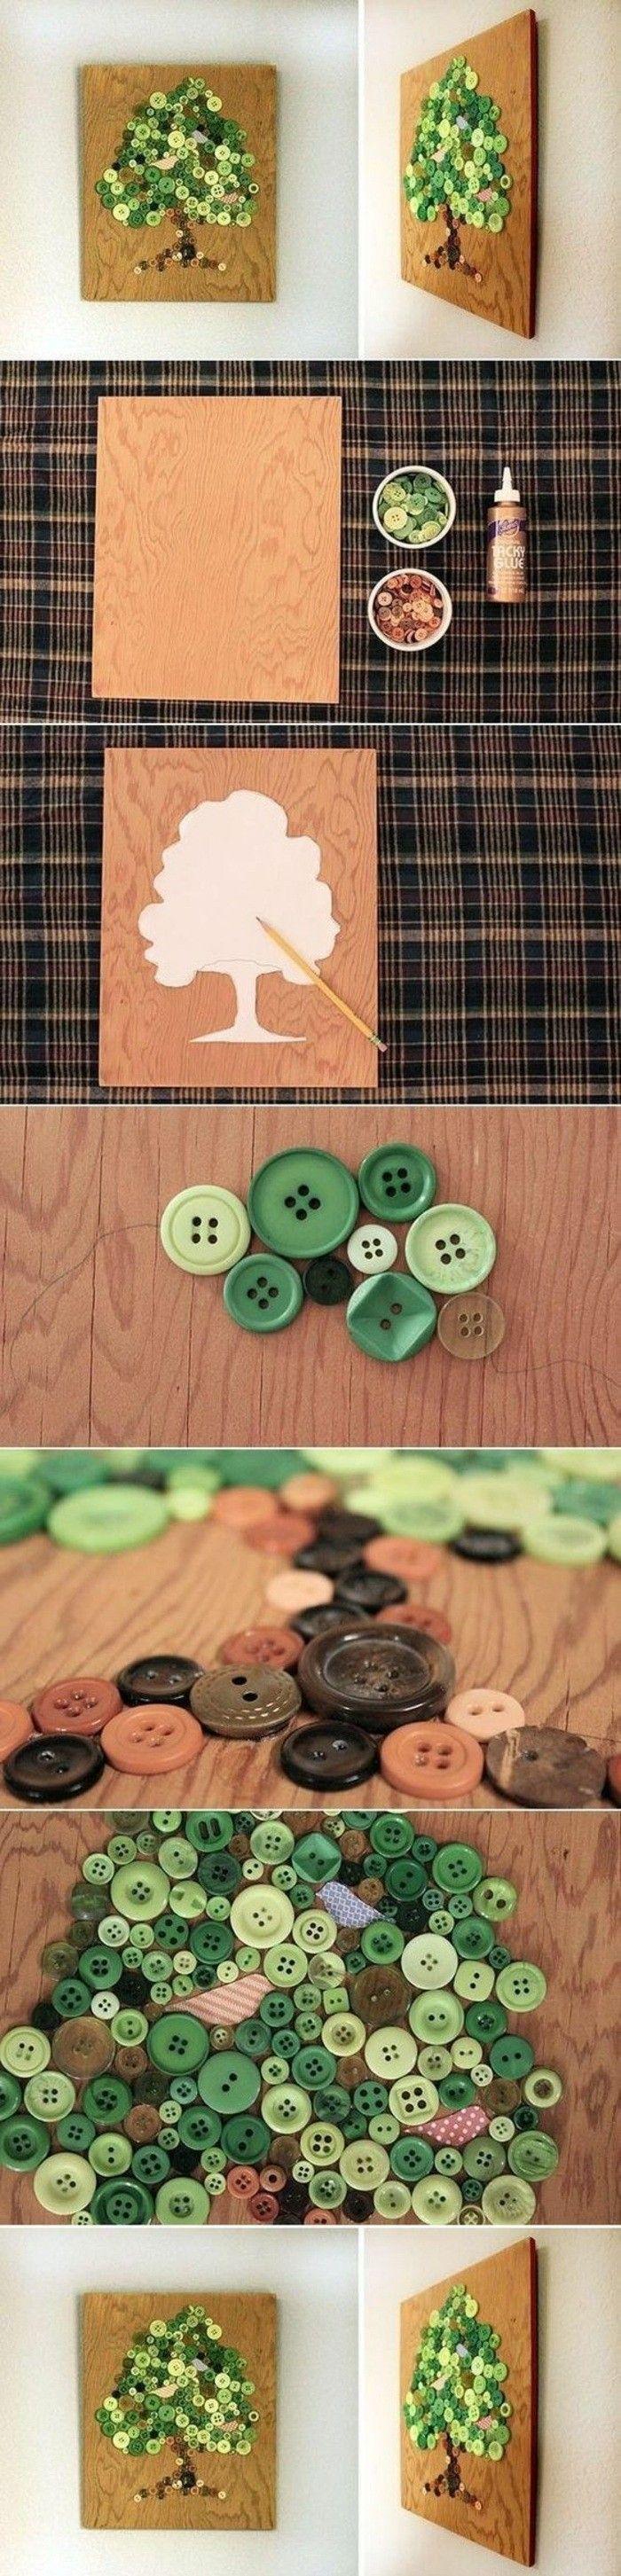 ▷ 1001 + Ideen für erstaunliche Herbstdeko für Draußen #herbstdekotisch herbstdeko tisch oder wand, diy deko, basteln für erwachsene, viele knöpfe in verschiedene größen und nuancen des grünen #herbstdekotisch ▷ 1001 + Ideen für erstaunliche Herbstdeko für Draußen #herbstdekotisch herbstdeko tisch oder wand, diy deko, basteln für erwachsene, viele knöpfe in verschiedene größen und nuancen des grünen #herbstdekotisch